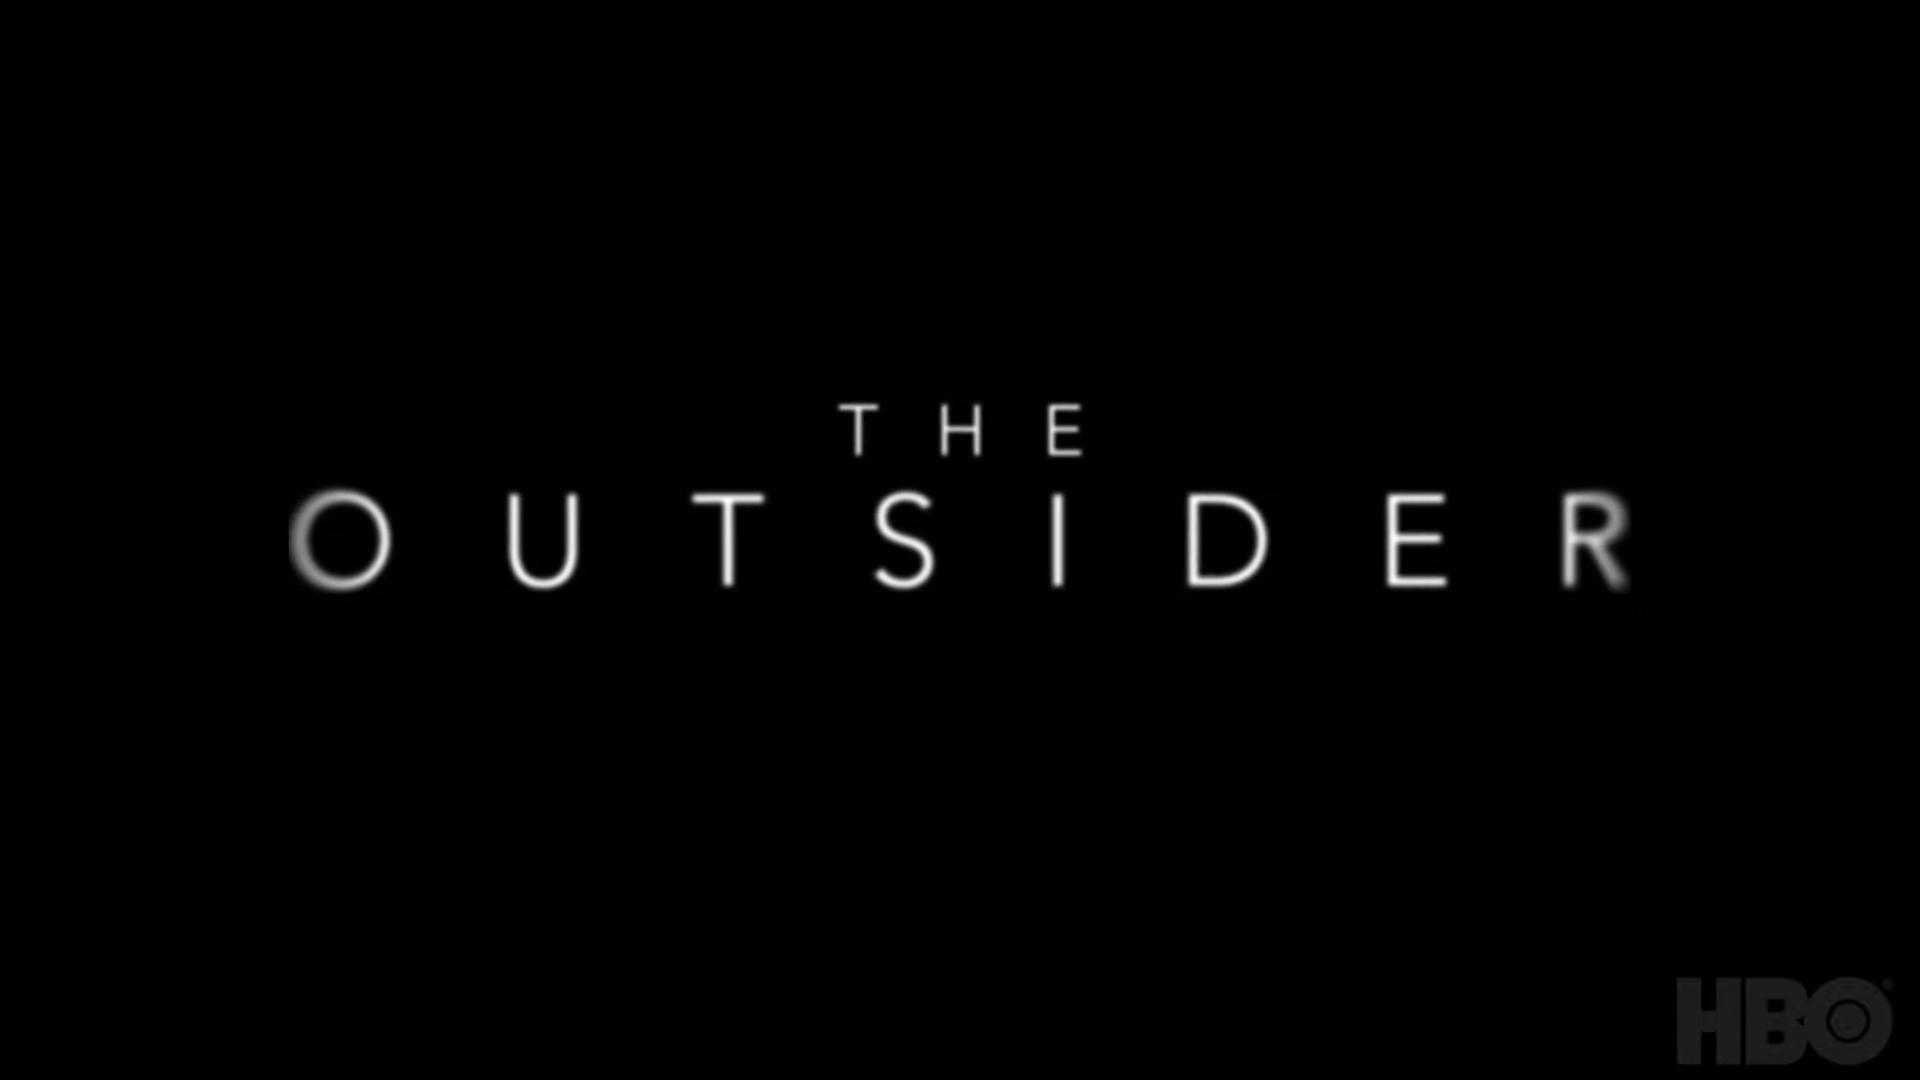 The Outsider: primer tráiler de lo nuevo de HBO - Radio Cantilo